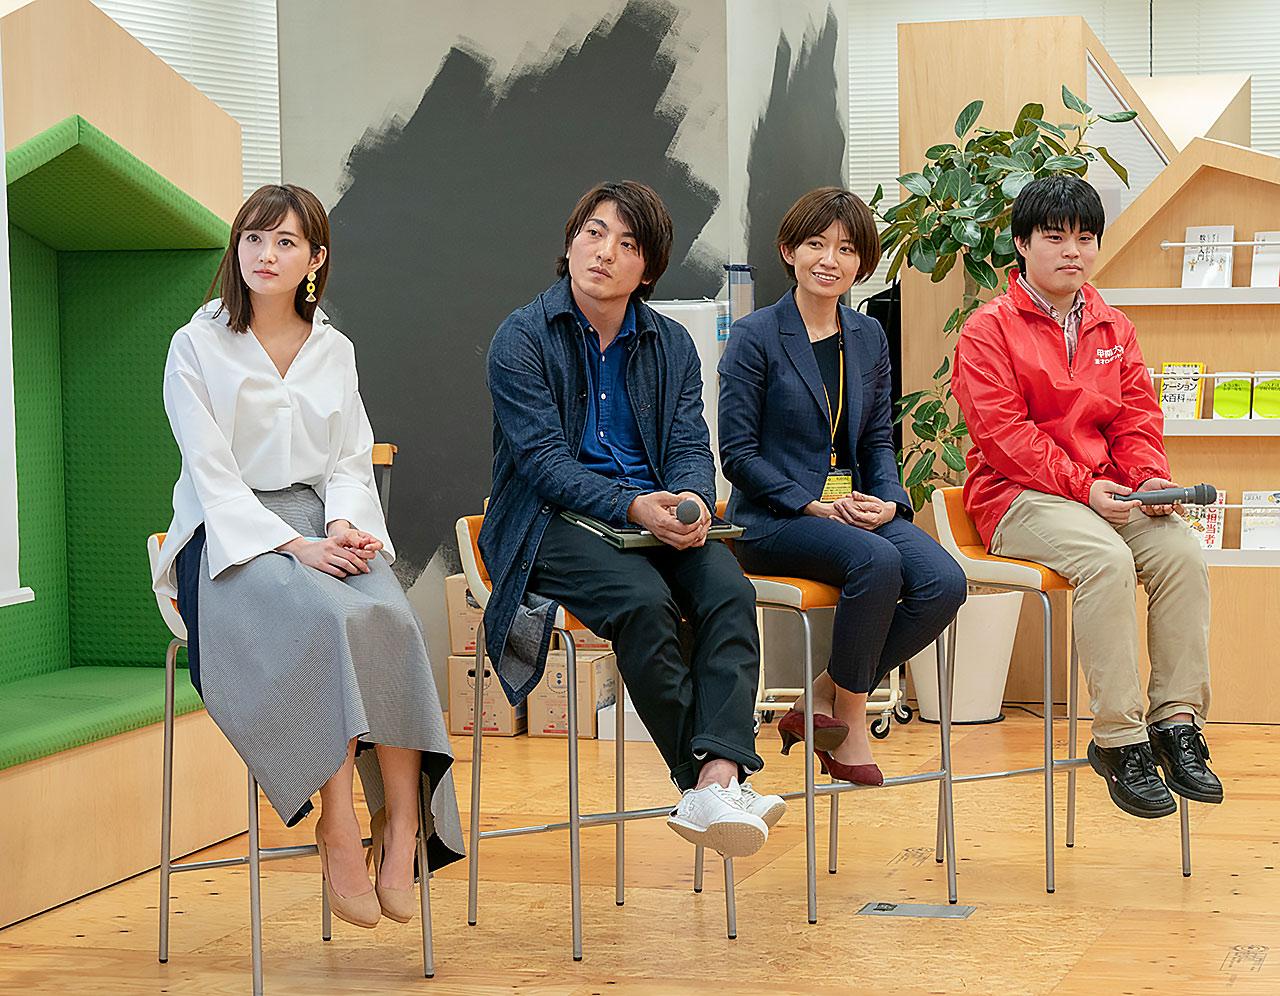 写真左から、上条百里奈さん、登嶋健太さん、黒田麻衣子さん、原口和貴さん